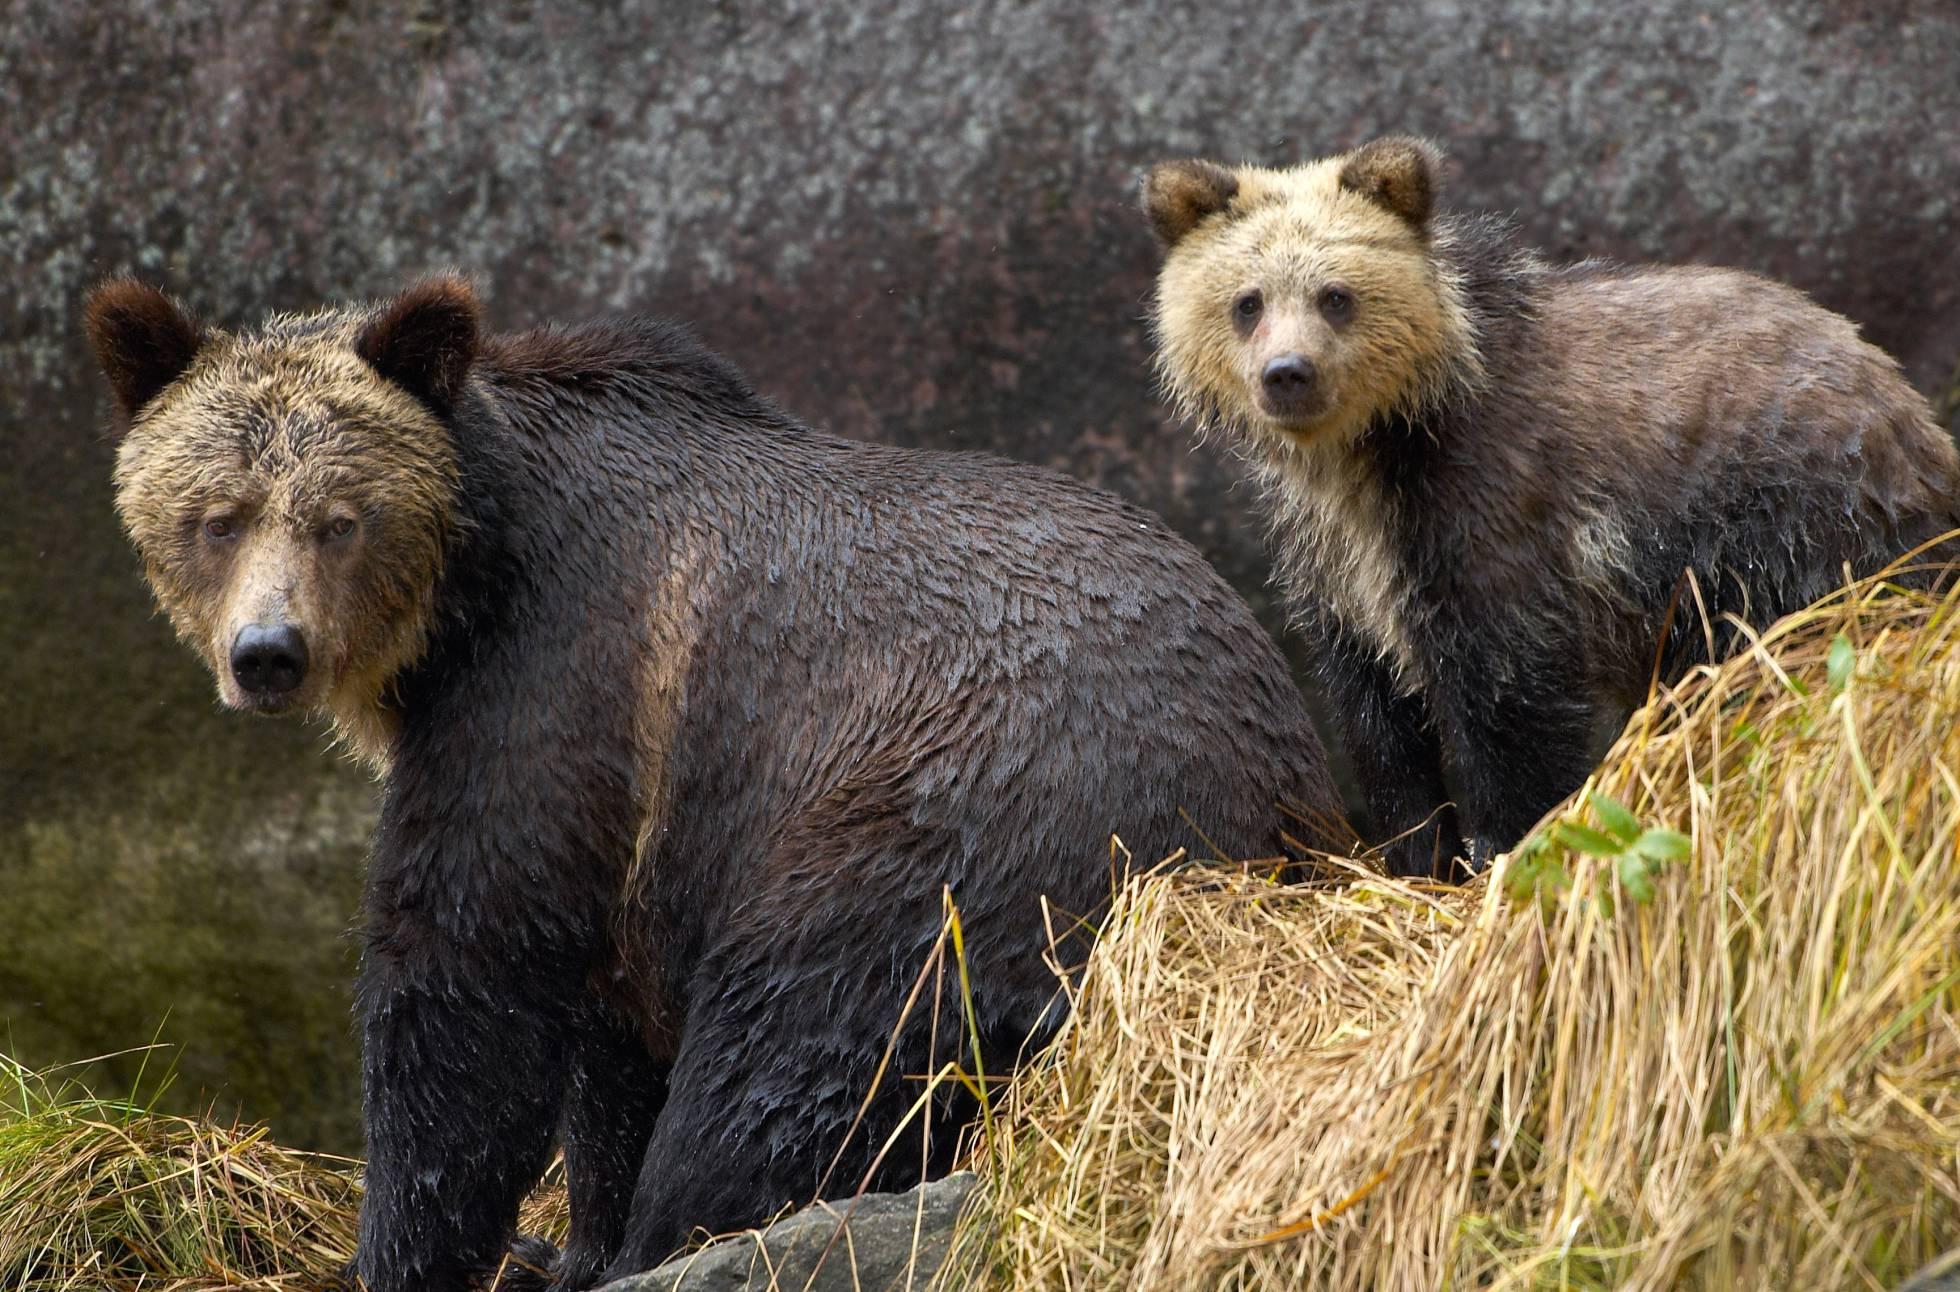 Un oso grizzly mata a un joven de 18 años en Alaska